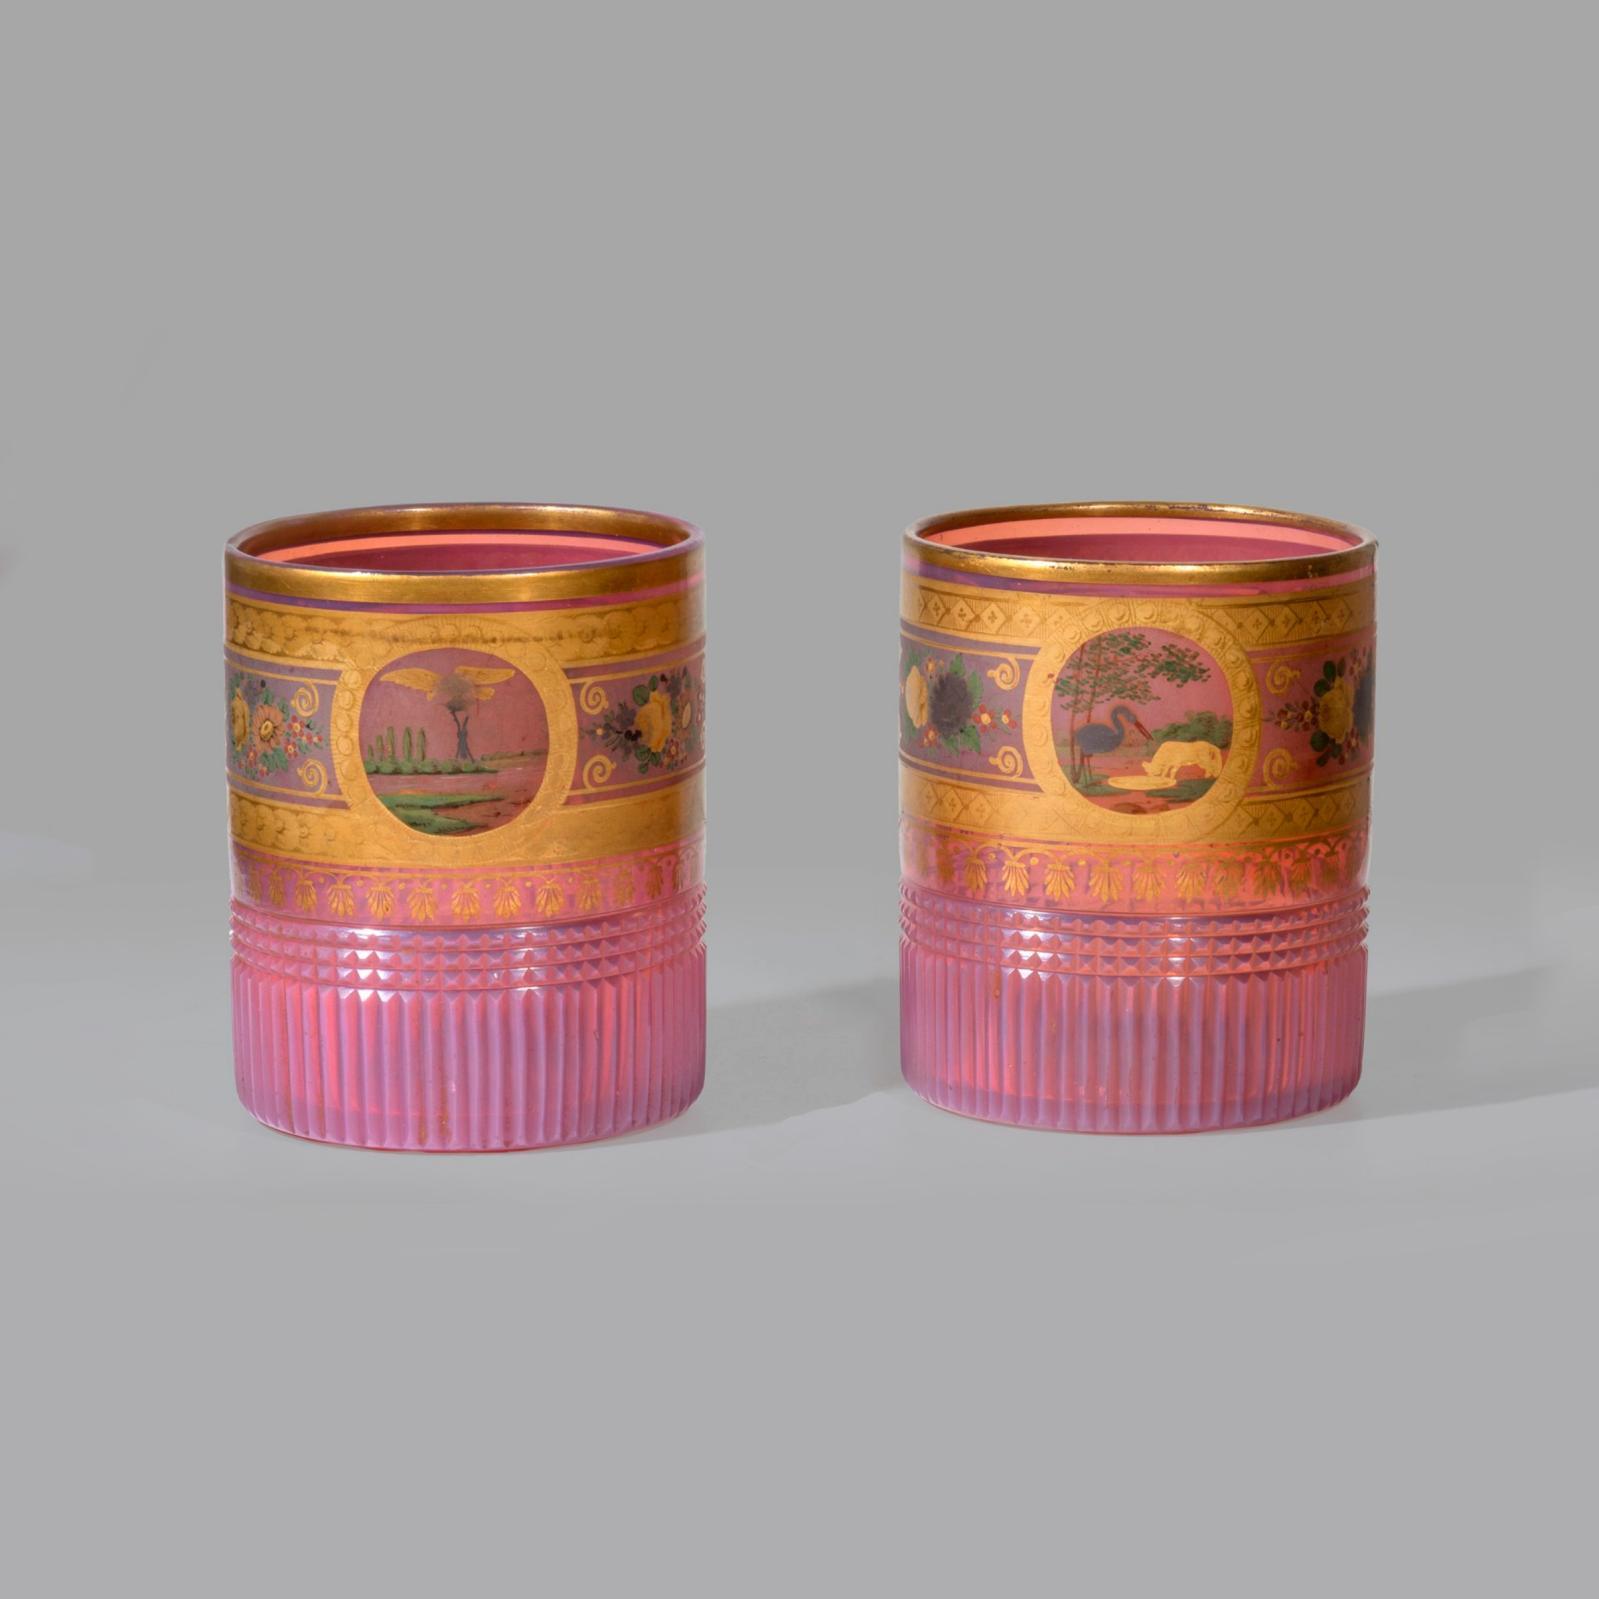 5359€ Deux gobelets en opaline gorge-de-pigeon, décor peint à l'or et polychrome de Fables de LaFontaine, époque Restauration, h.8,5